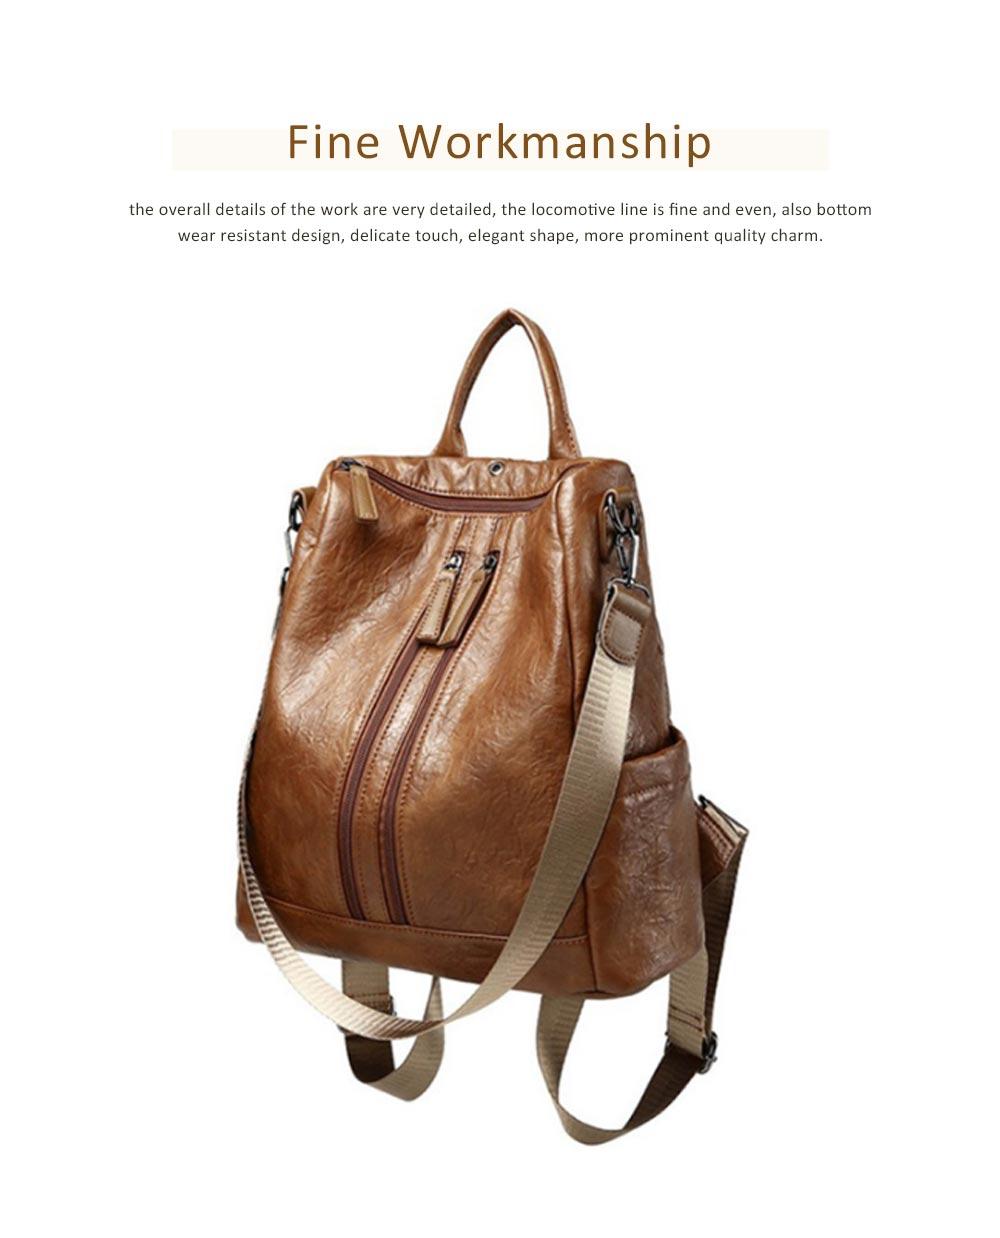 Casual Brown Backpack & Shoulder Bag, Vintage Style Multiple Pockets Large Bag for Travel, School 3